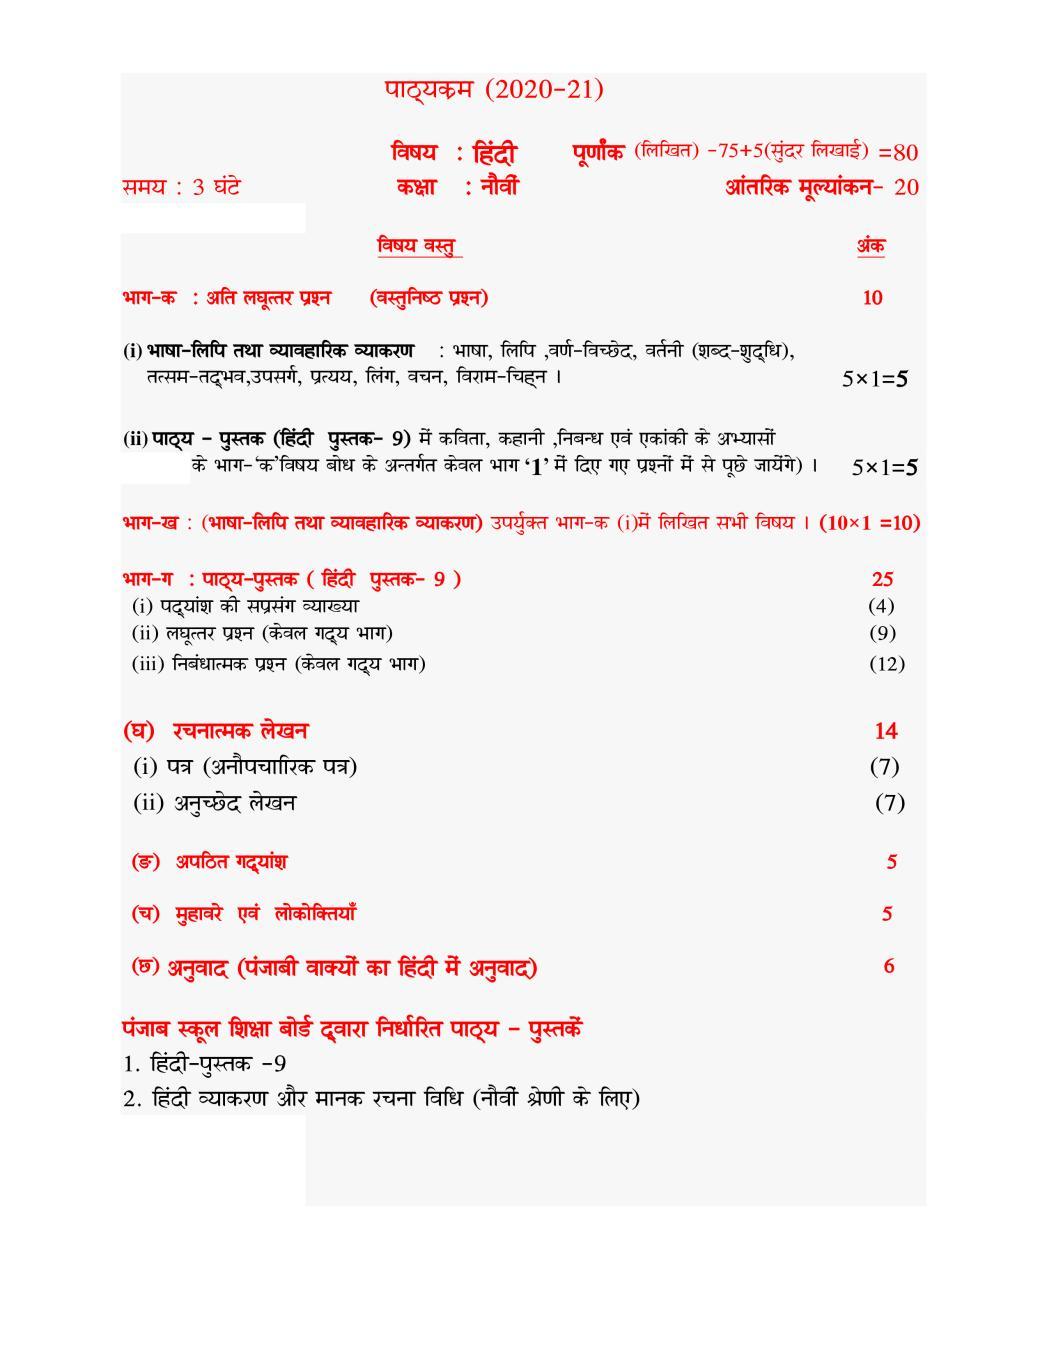 PSEB Syllabus 2020-21 for Class 9 Hindi - Page 1